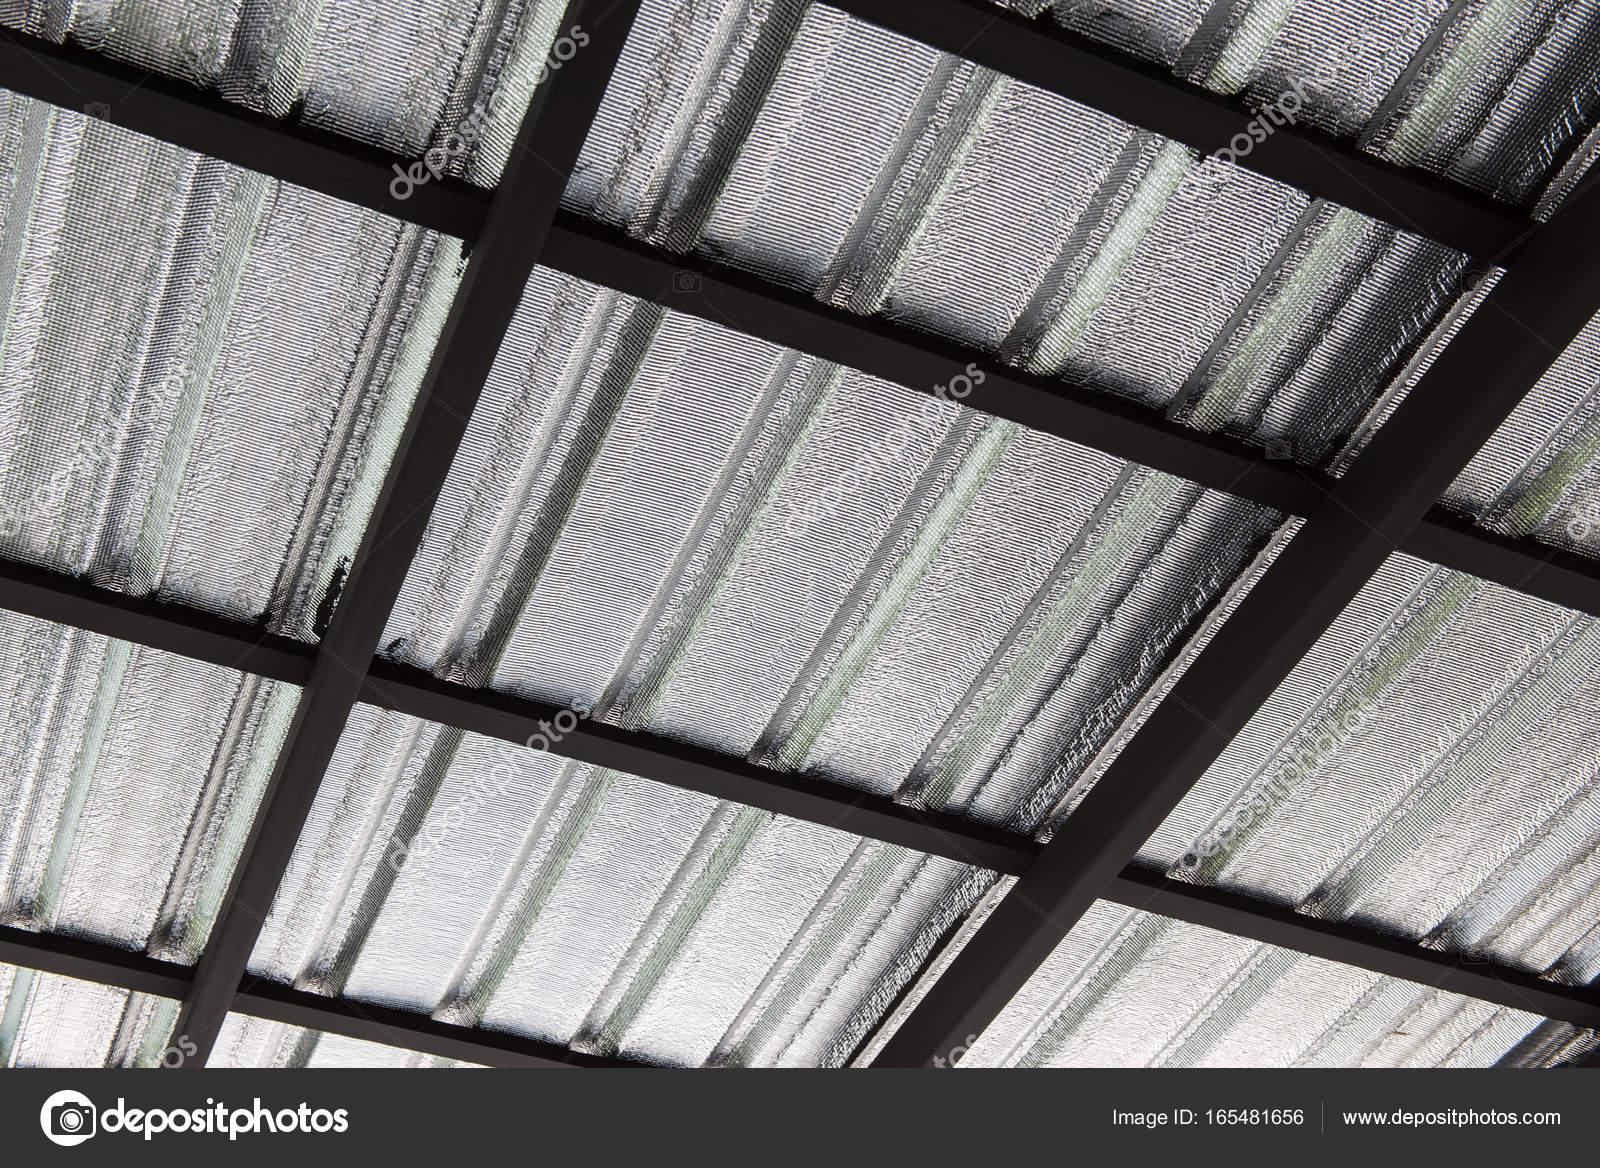 Bekannt Garage, Dach-Konstruktion von Gerüsten und Metall Blatt EN93